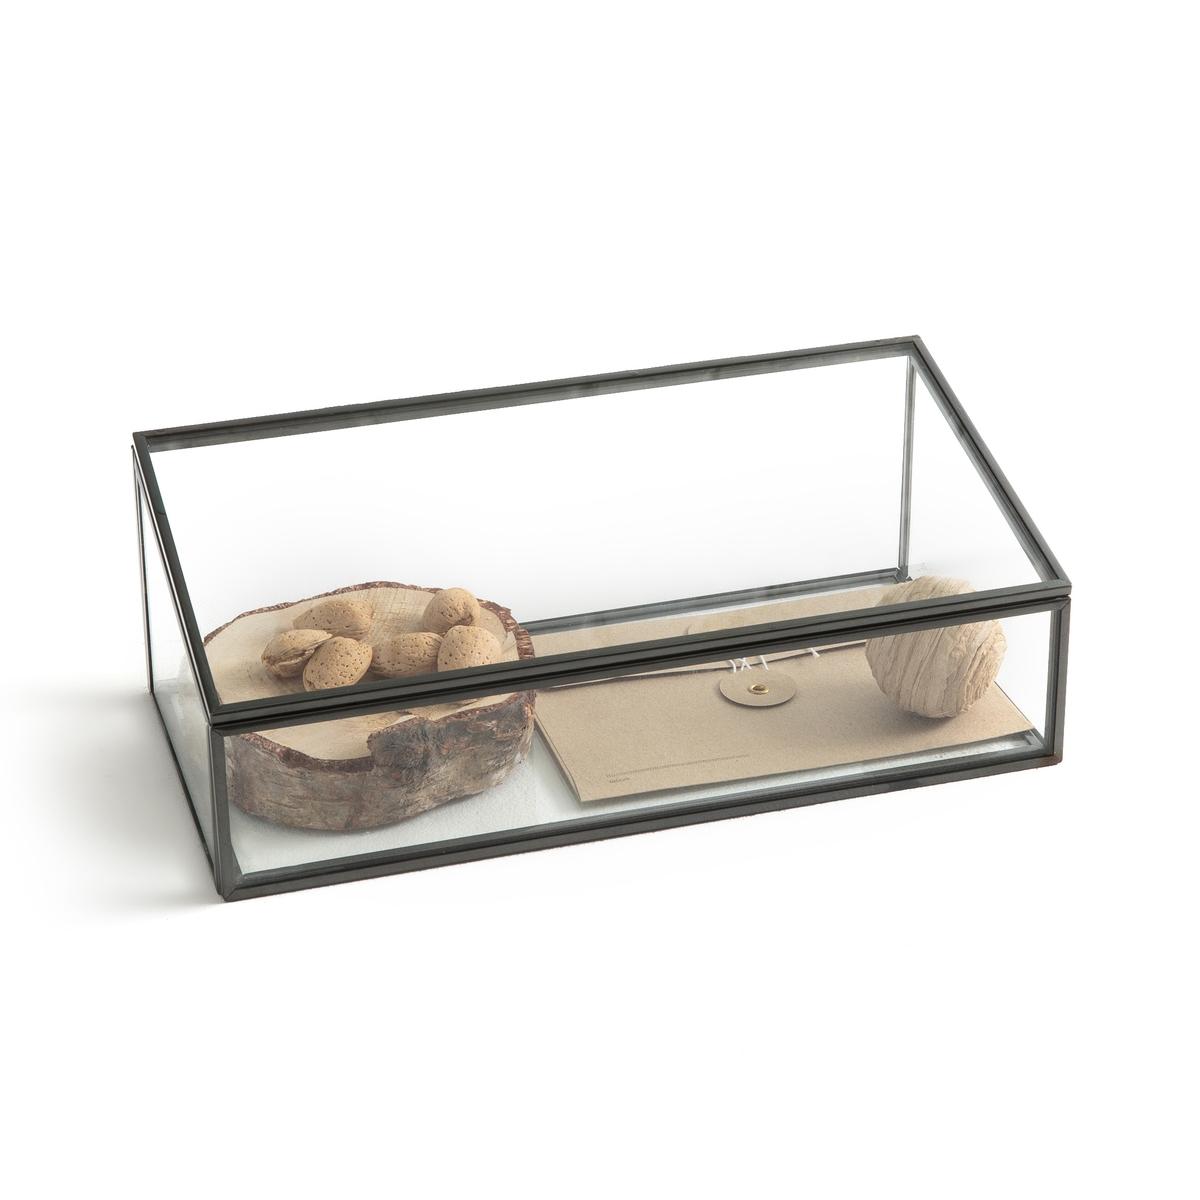 Коробка-витрина, Ш30 x В12 x Г15 см, DigoriКоробка Digori. Коробка для хранения и демонстрации украшений, драгоценностей и других ценных предметов.Характеристики :- Из стекла и металла с отделкой под латунь или оружейную сталь.- Очень качественная отделкаРазмеры:- Ш30 x В12 x Г15 см- Толщина стекла: 0,4 мм<br><br>Цвет: латунь,темно-серый металл